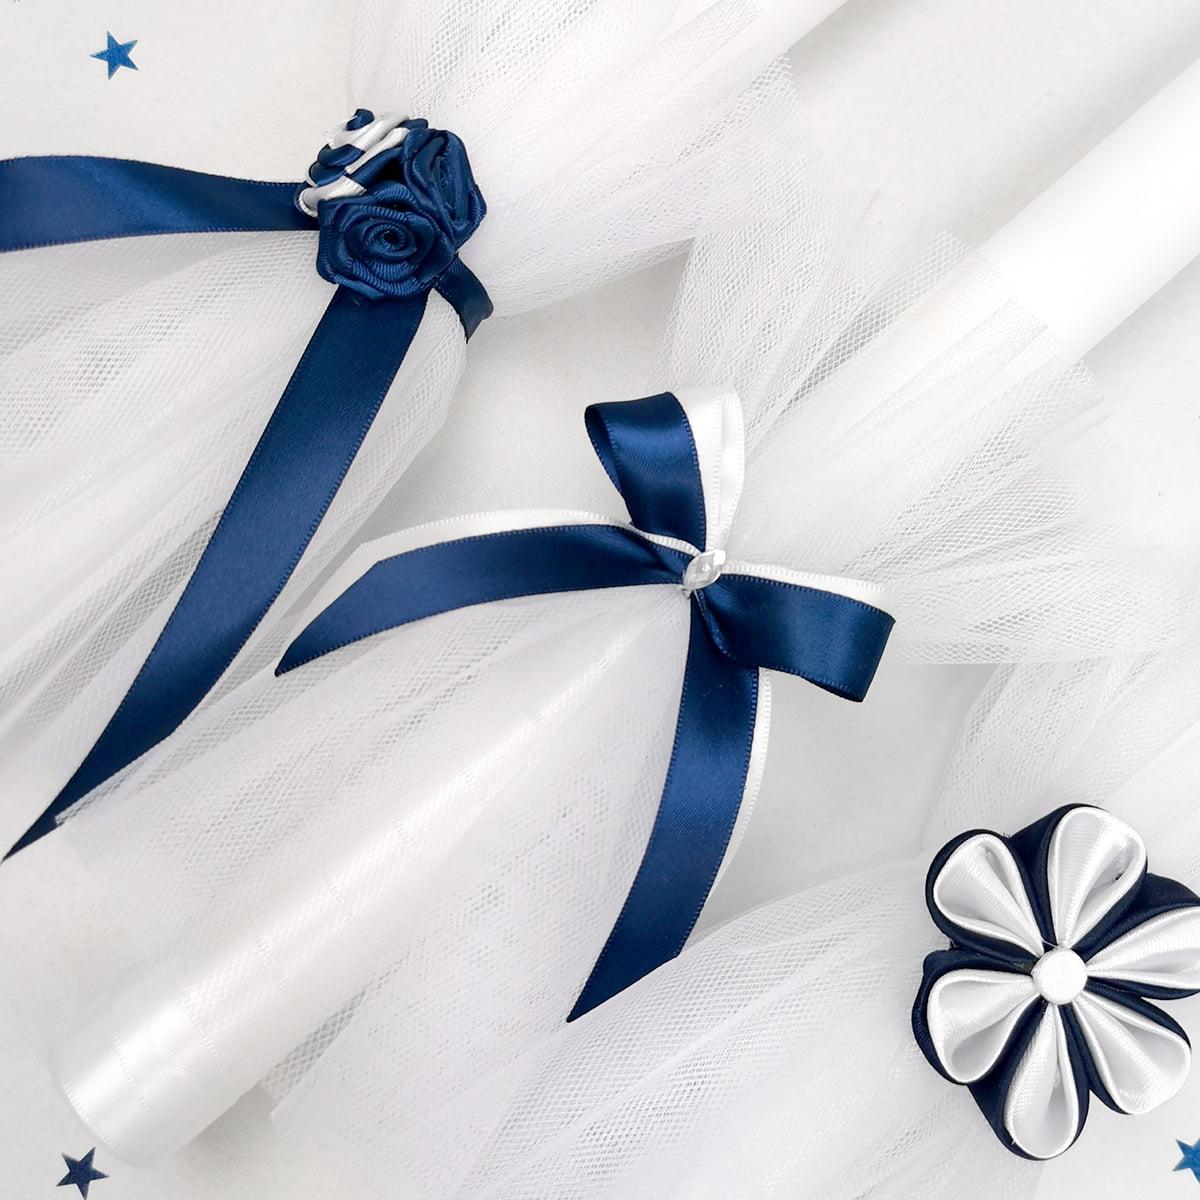 tamno plave svećano ukrašene svijeće za krštenje